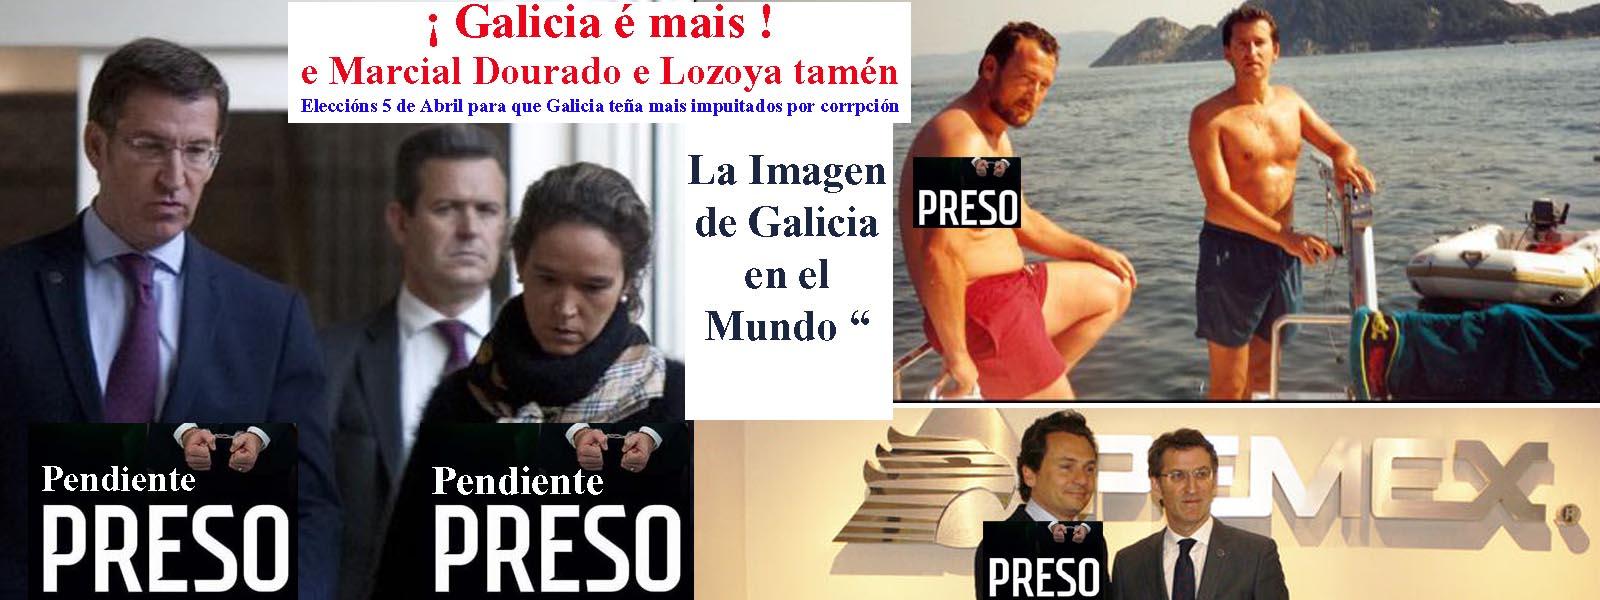 La prensa Internacional apunta a feijóo y Mar Sánchez Sierra como los  próximos imputados en México a la luz de las vinculaciones con la  criminalidad internacional. - Xornal Galicia